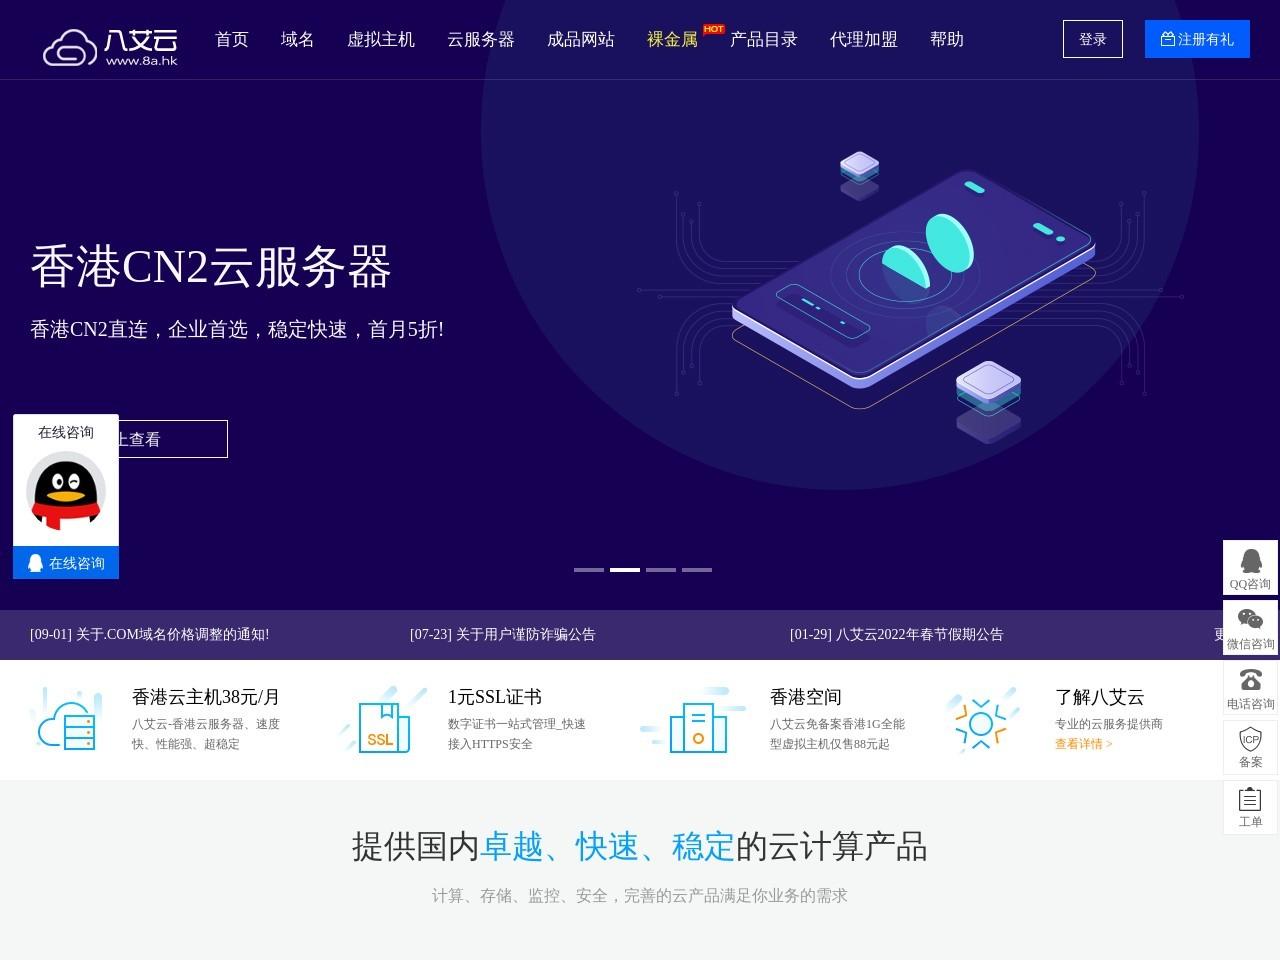 香港空间_服务器租用_香港虚拟主机_云主机 - 8A网络8a.hk